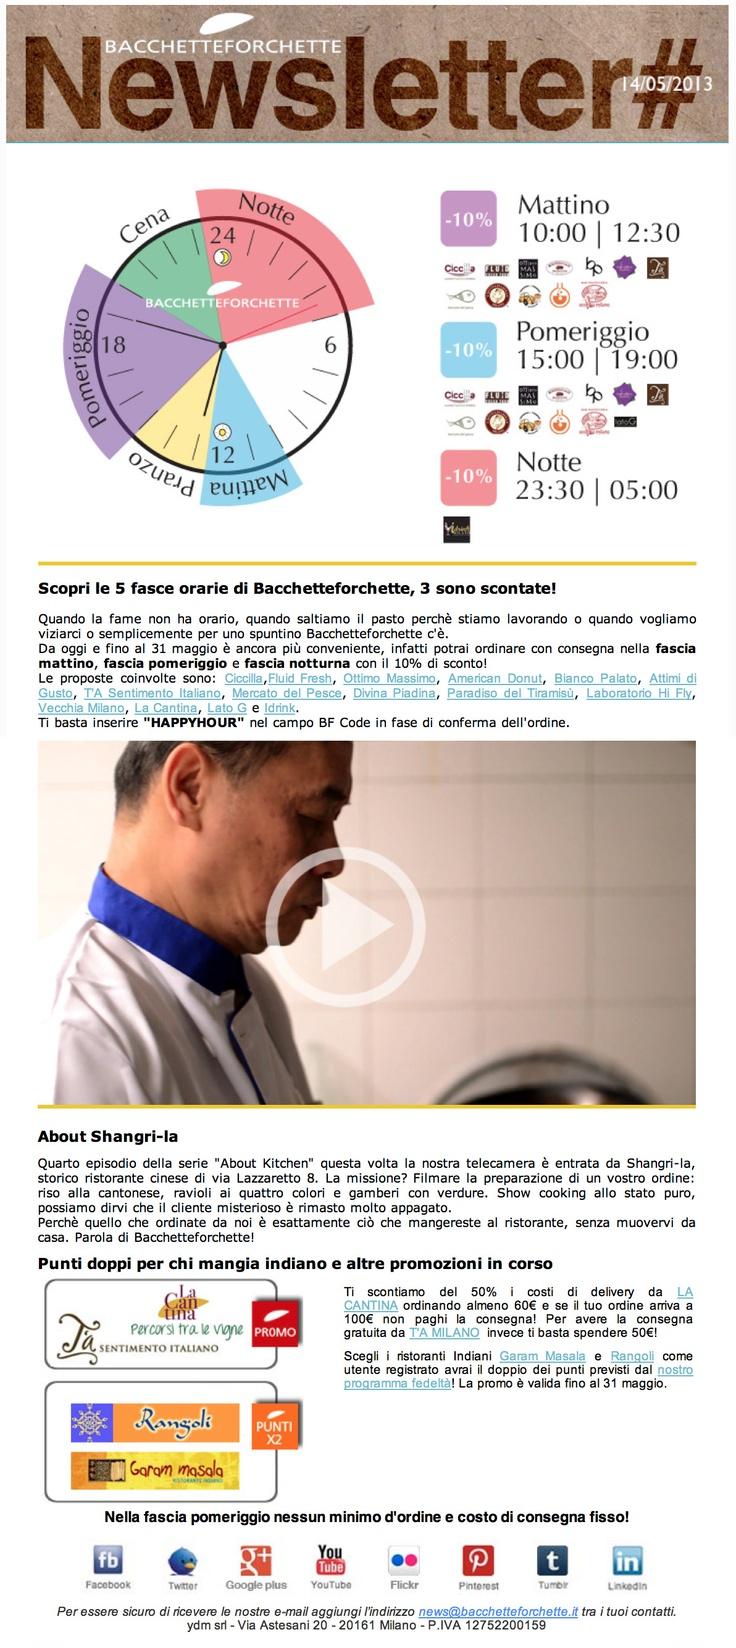 la newsletter di Bacchetteforchette del 14/5/2013, ricca di promozioni e col video About Kitchen suulo Shangri-la